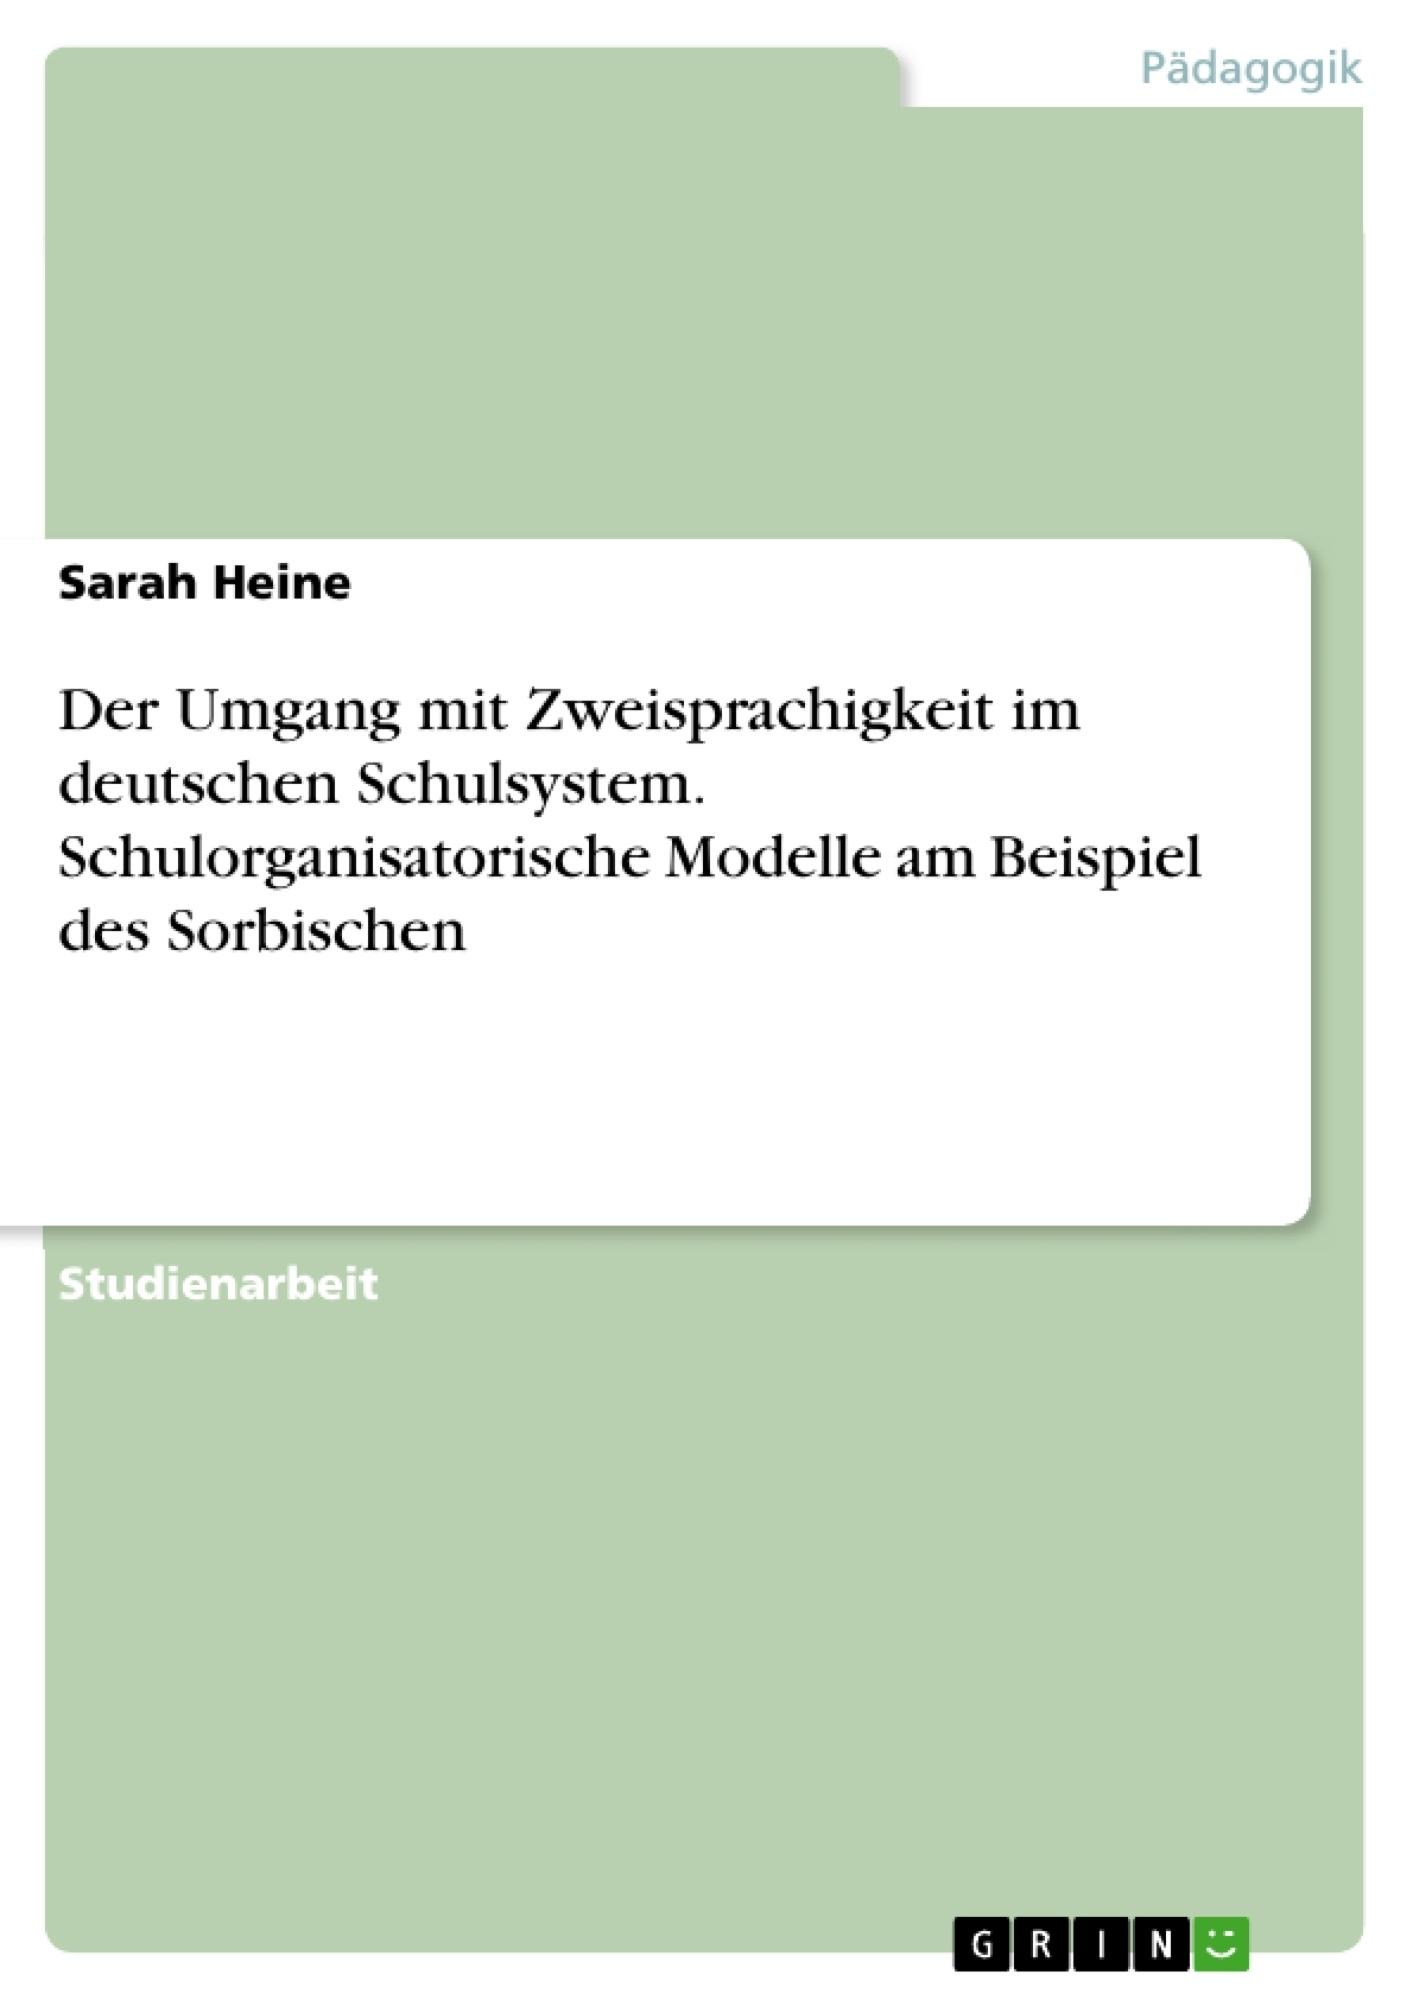 Titel: Der Umgang mit Zweisprachigkeit im deutschen Schulsystem. Schulorganisatorische Modelle am Beispiel des Sorbischen